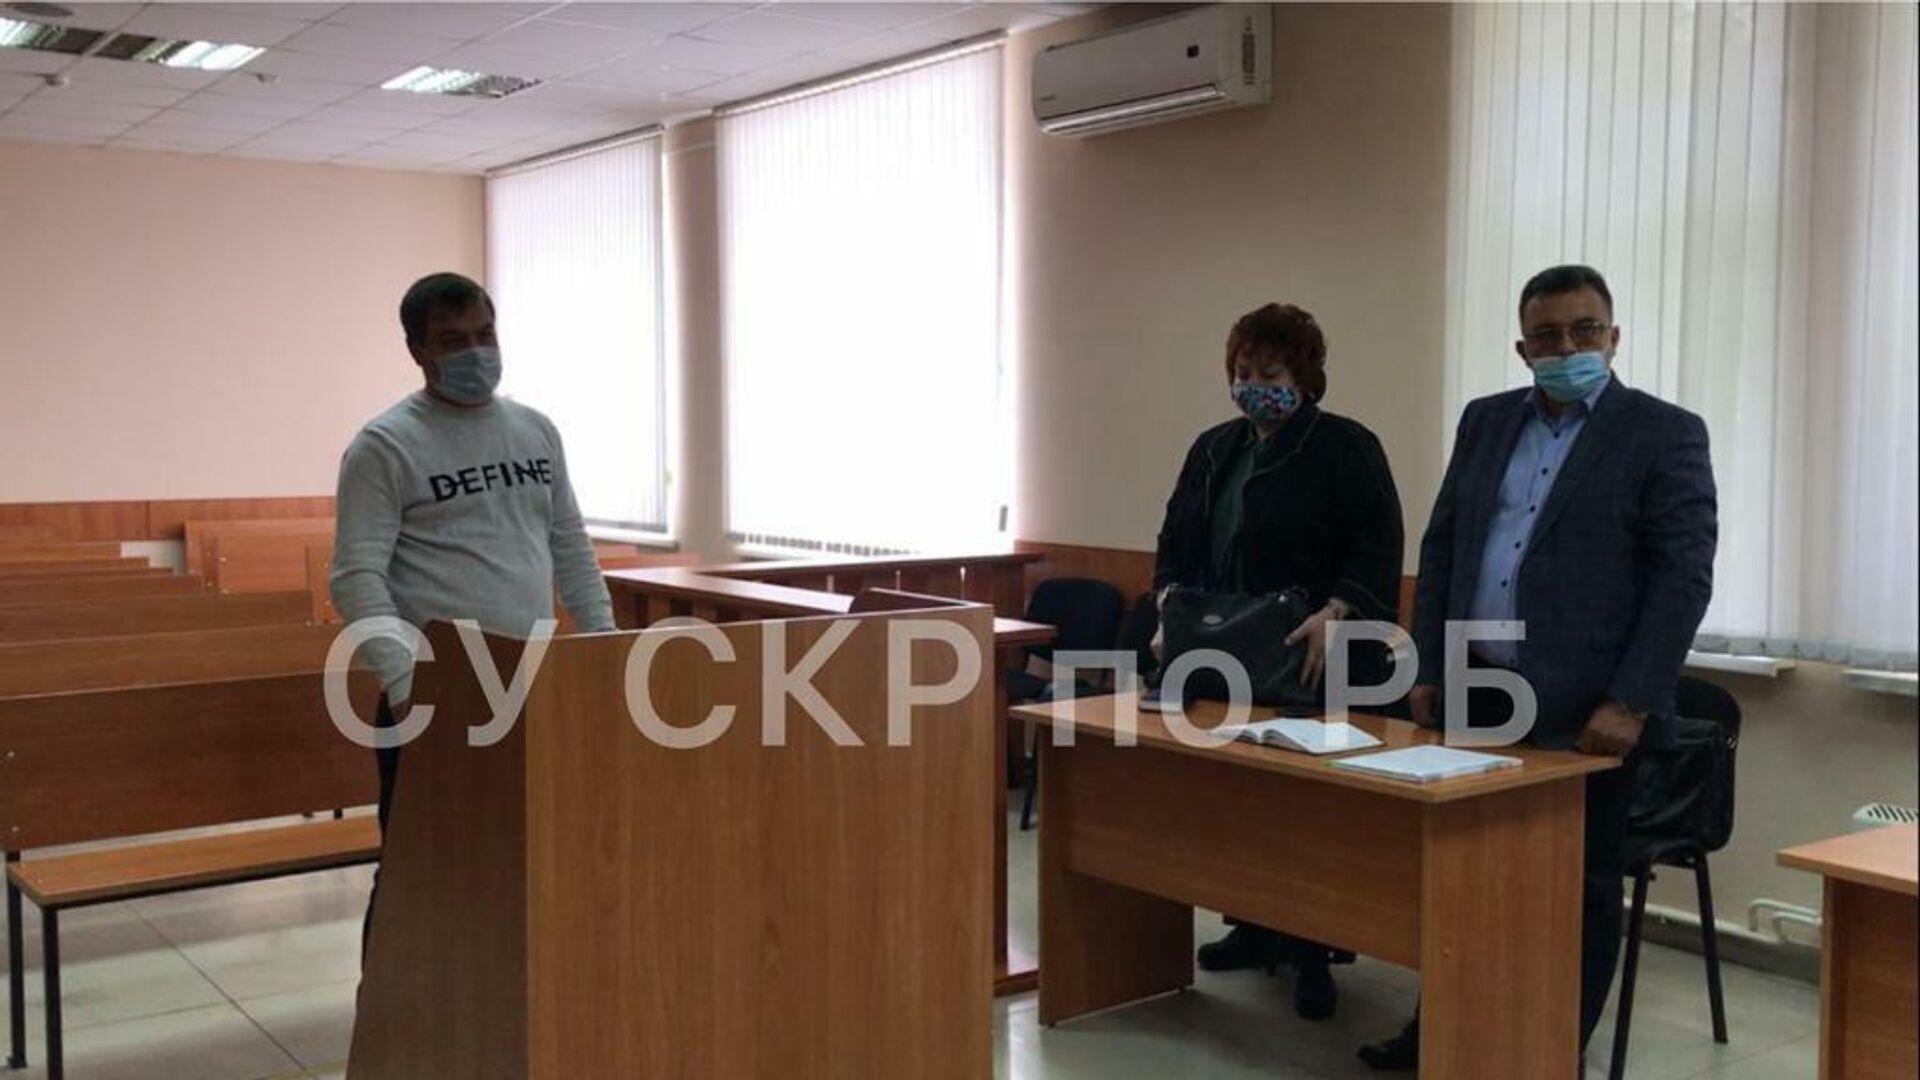 Владимир Санкин в зале суда - РИА Новости, 1920, 16.01.2021